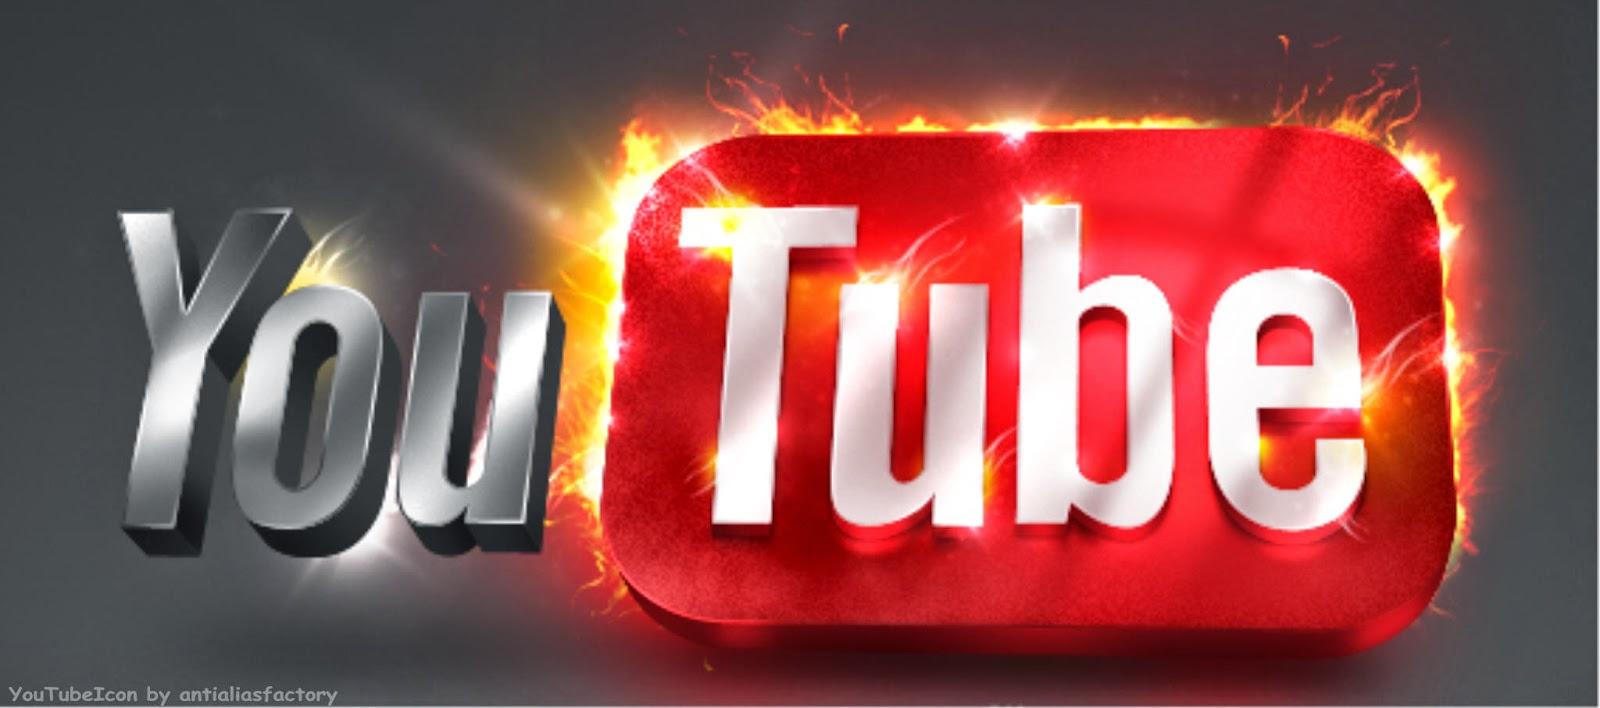 بالصور خلفيات يوتيوب , اجدد خلفيات للوجو اليوتيوب 4294 7